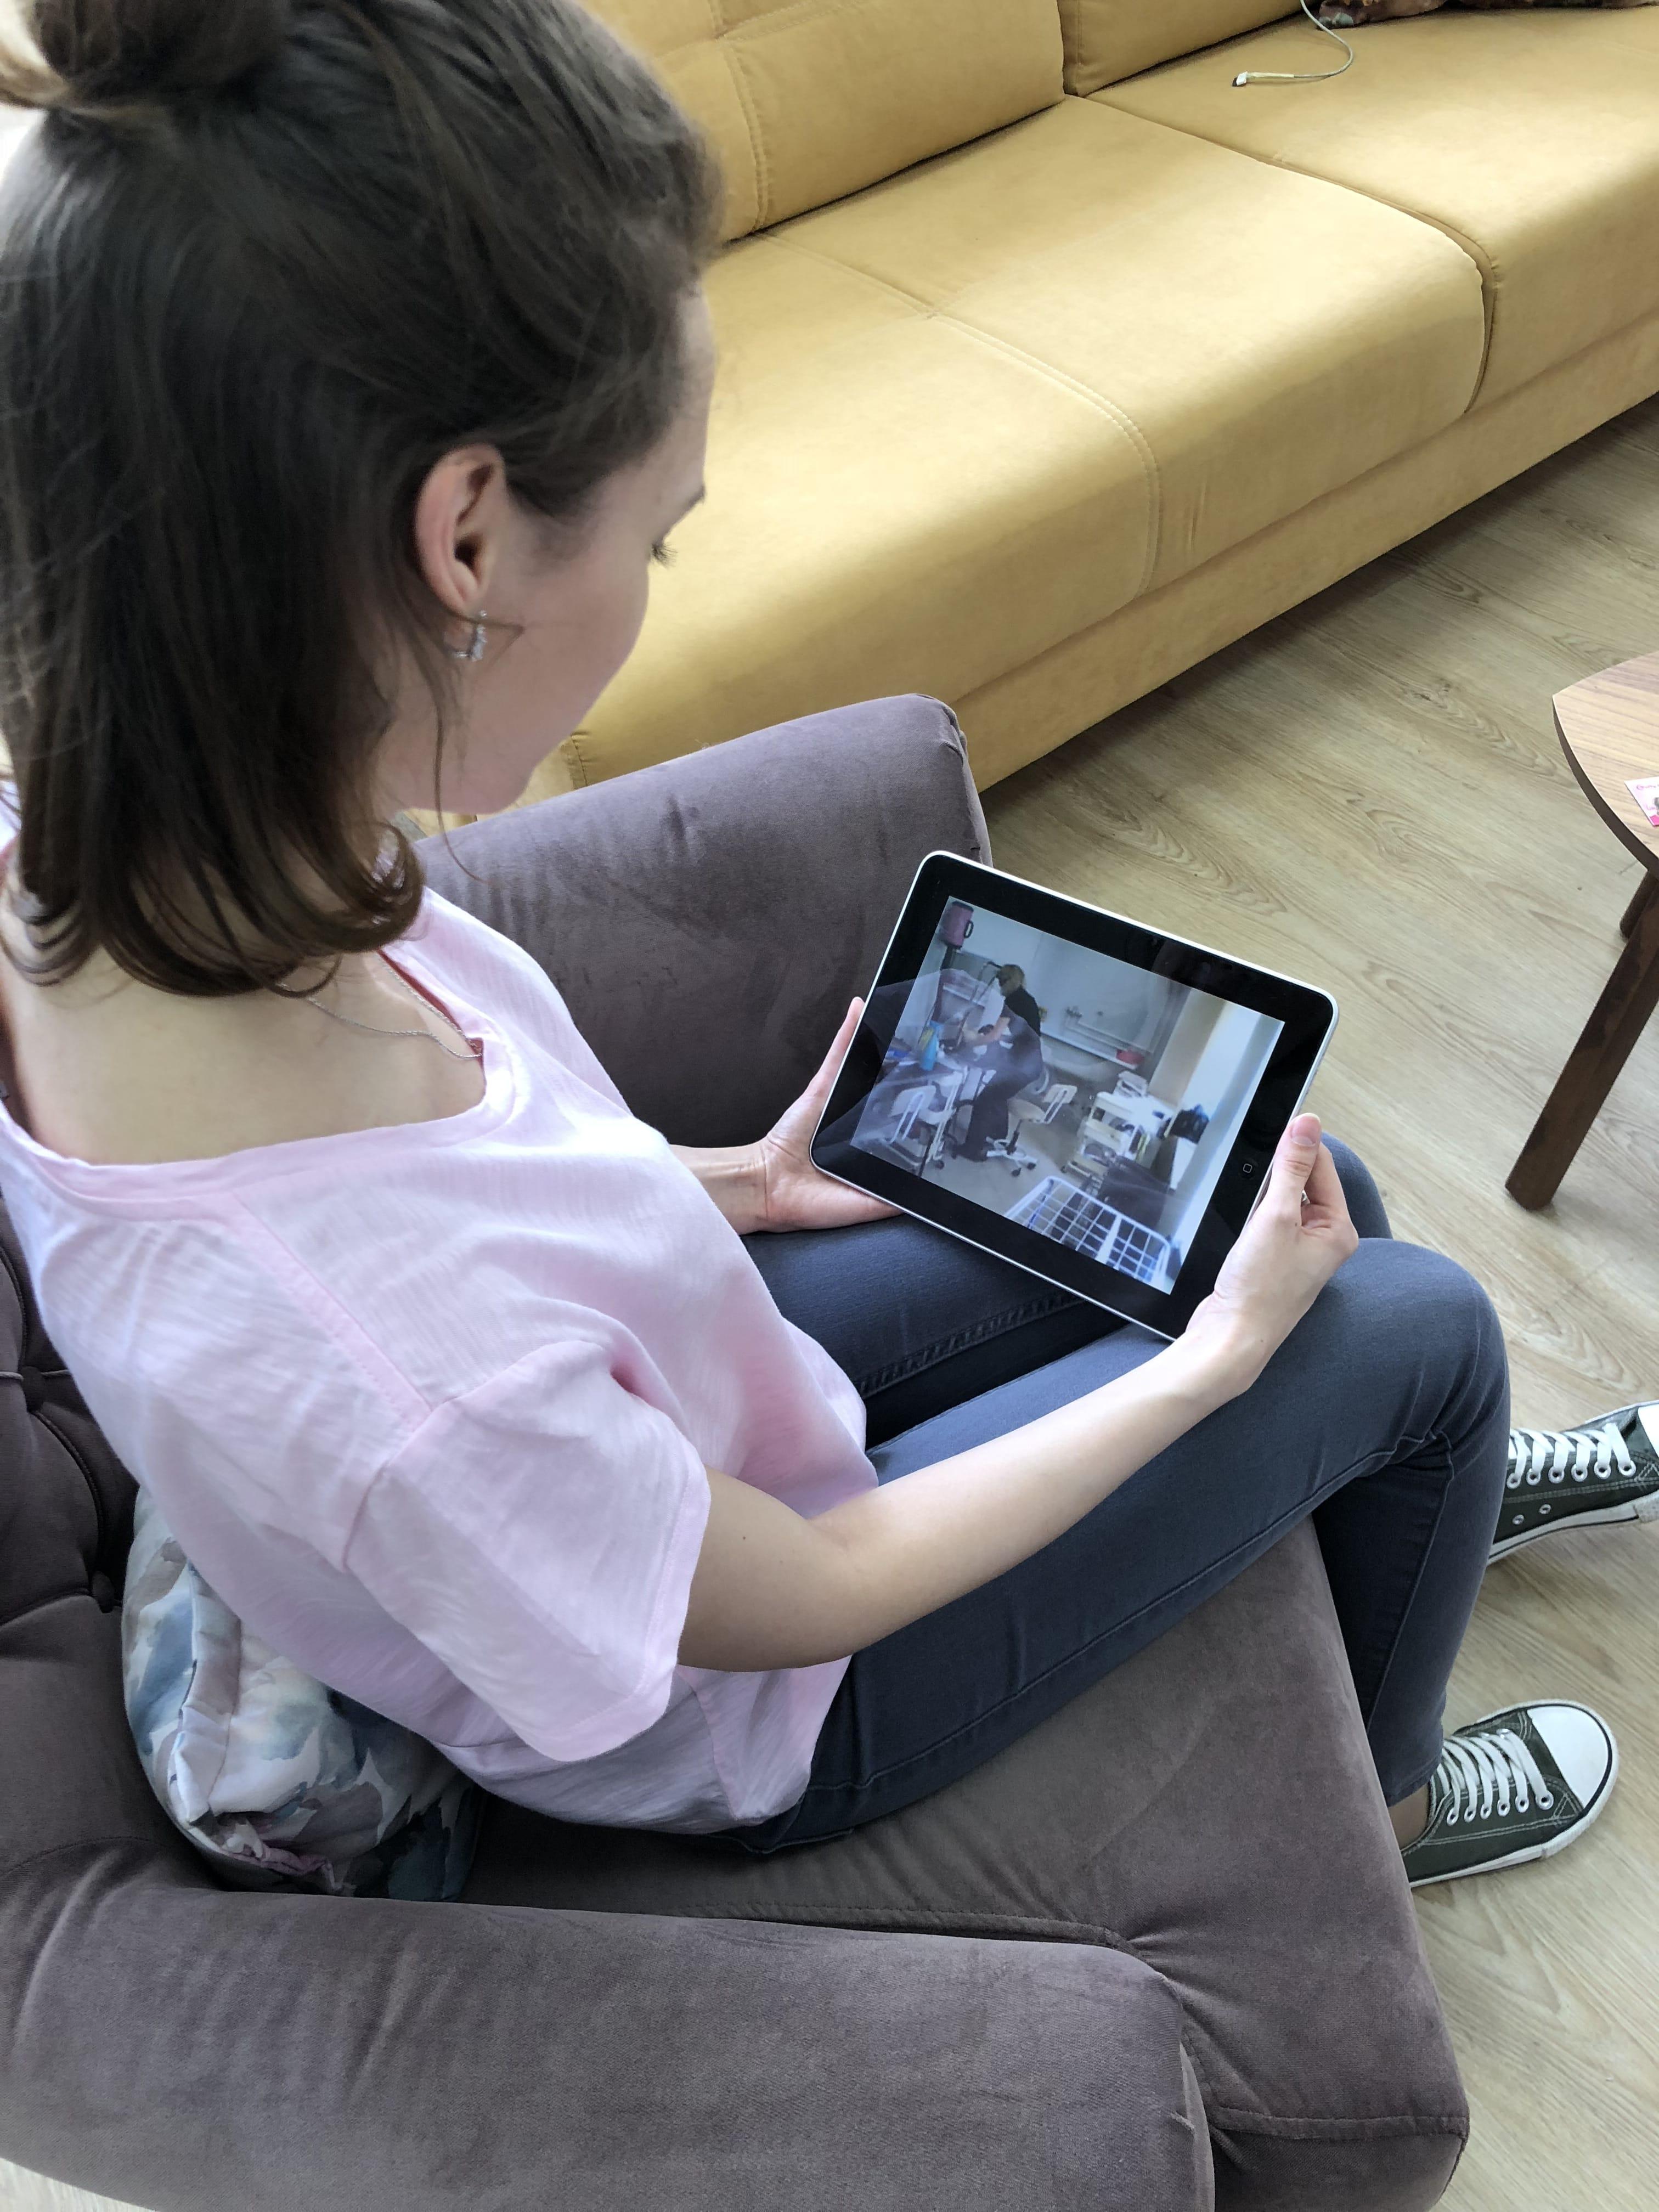 За работой мастера можно наблюдать онлайн!